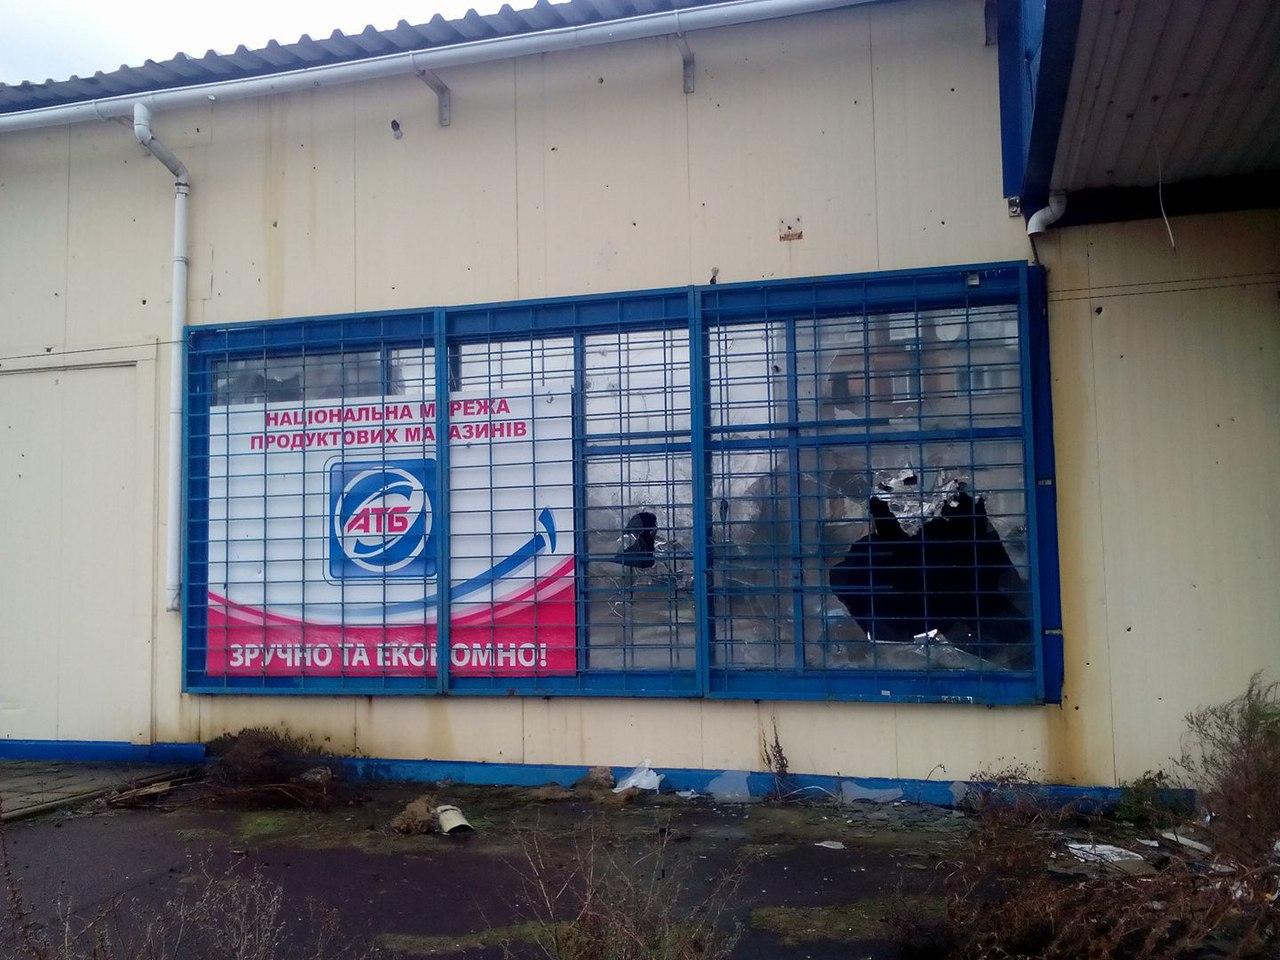 Магазин «АТБ» закрыт, руководство постоянно обещает когда-нибудь снова его открыть.